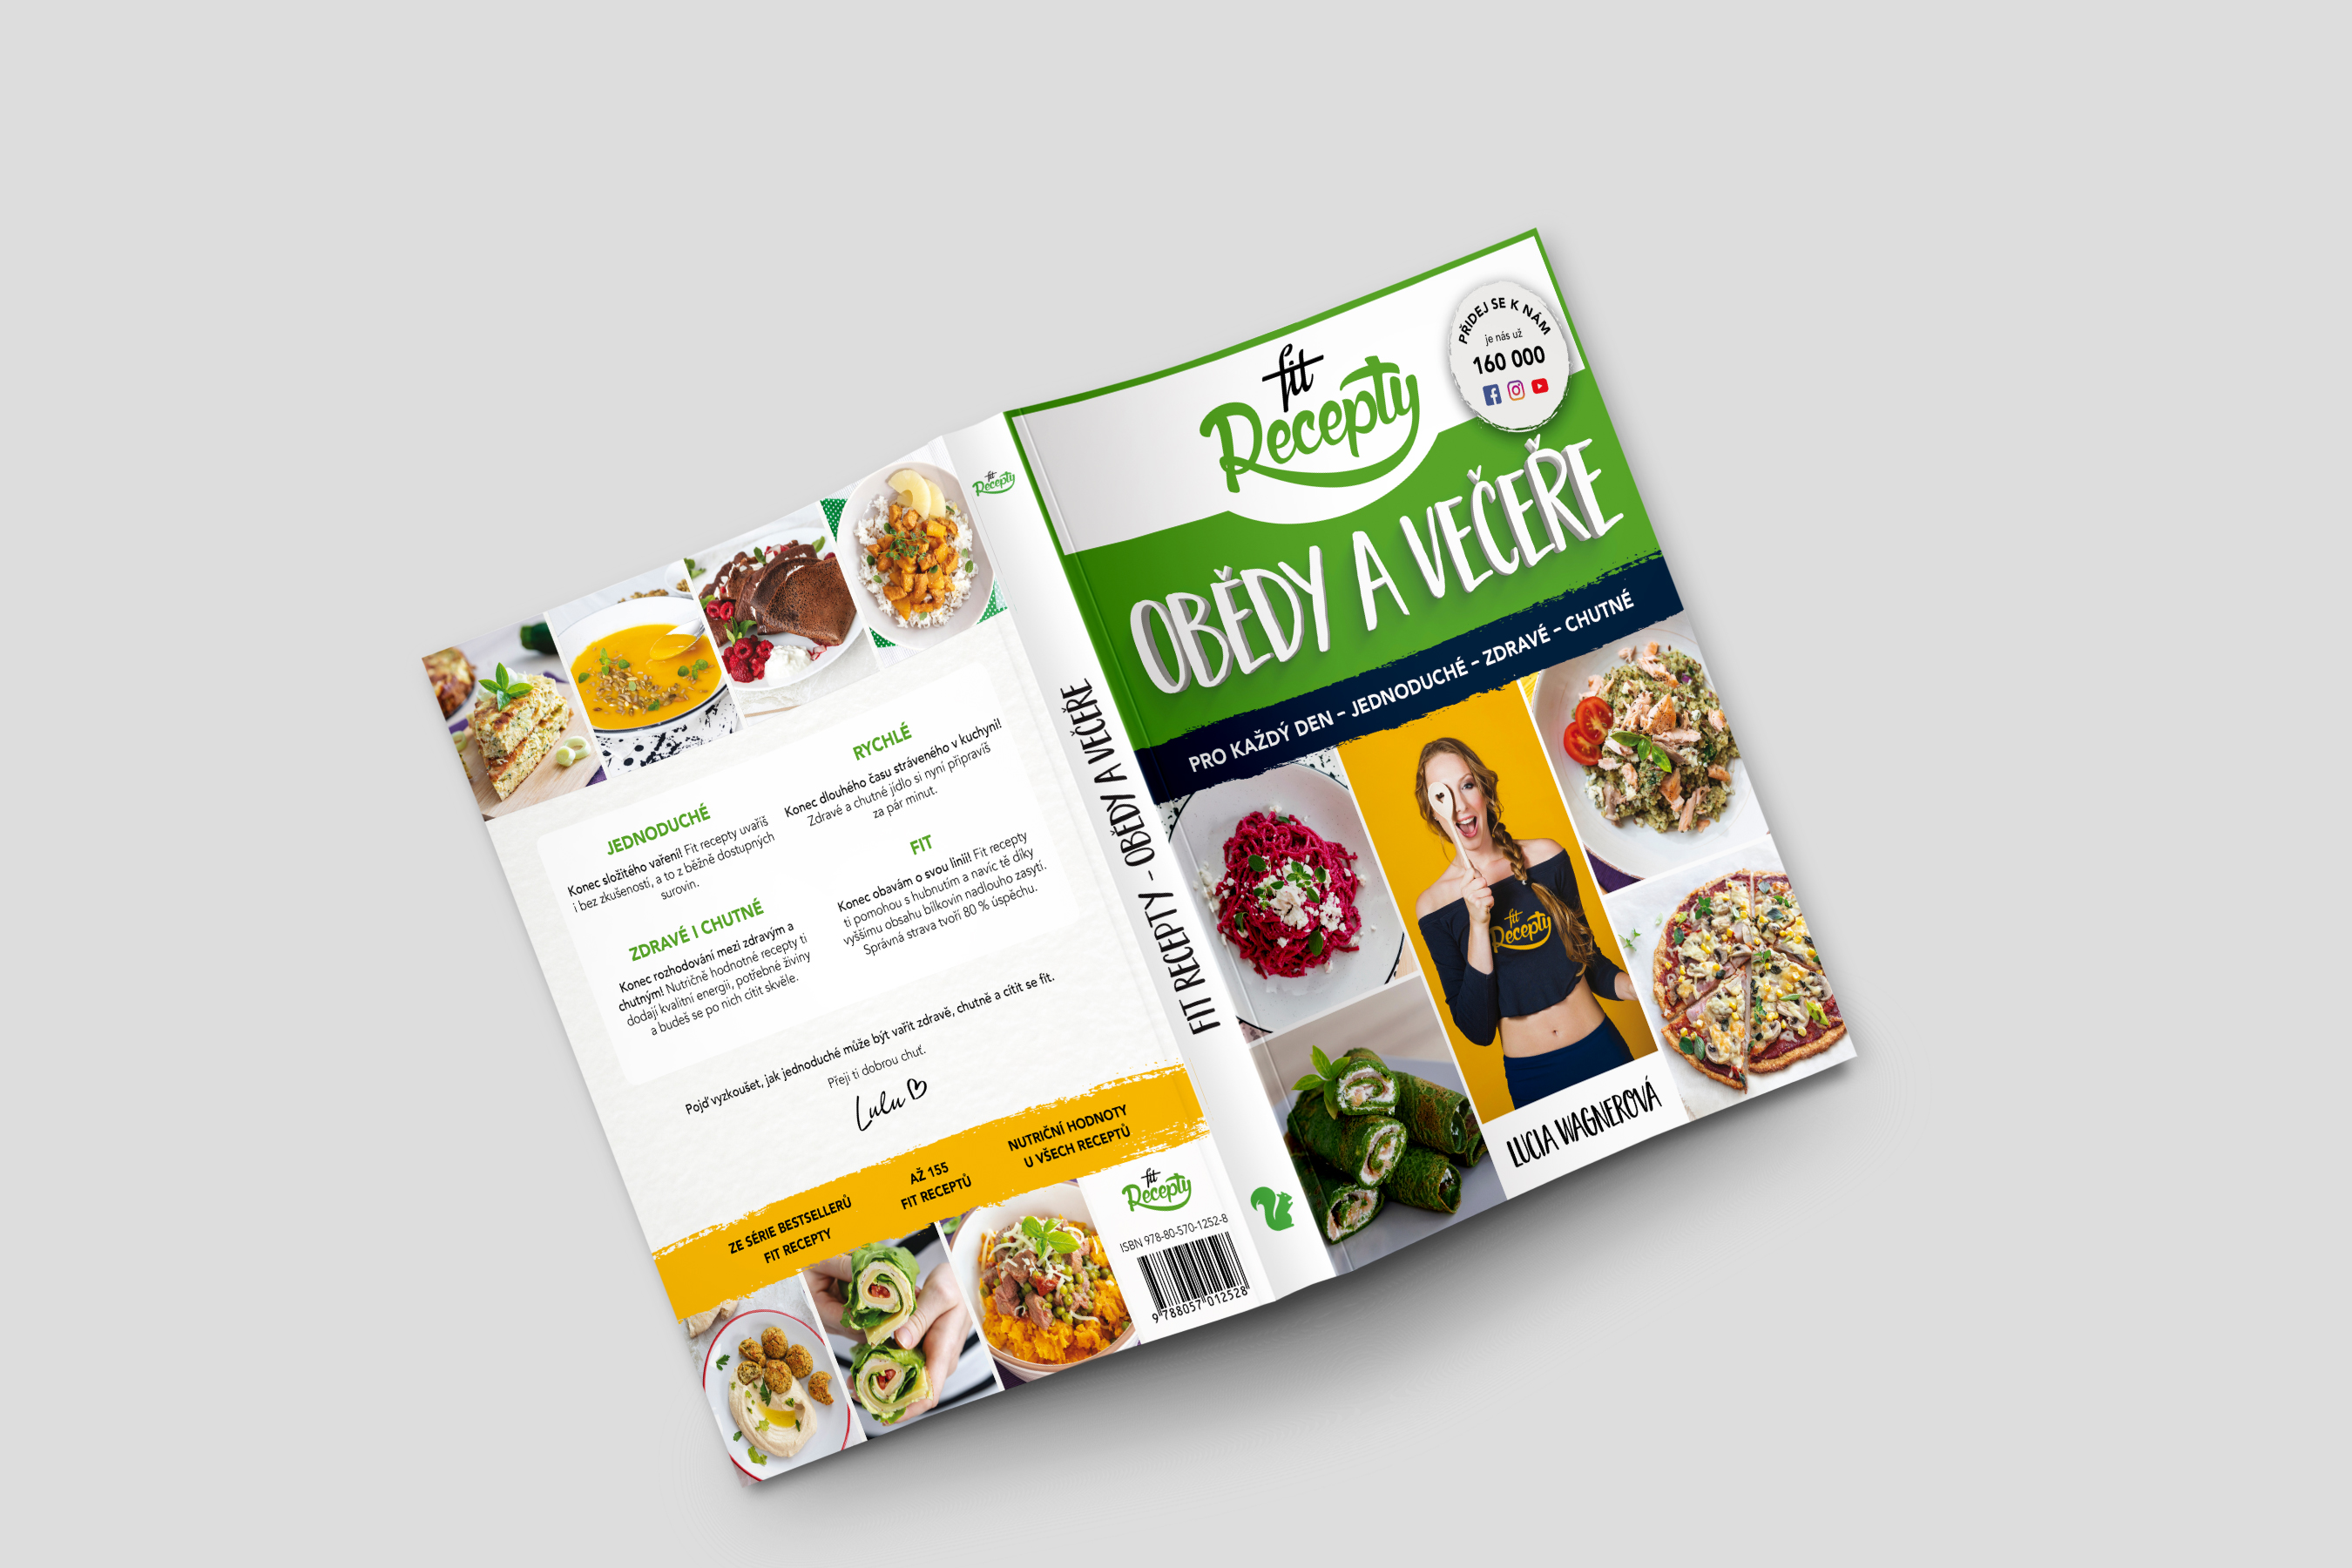 Fit recepty - obědy a večeře (česky)